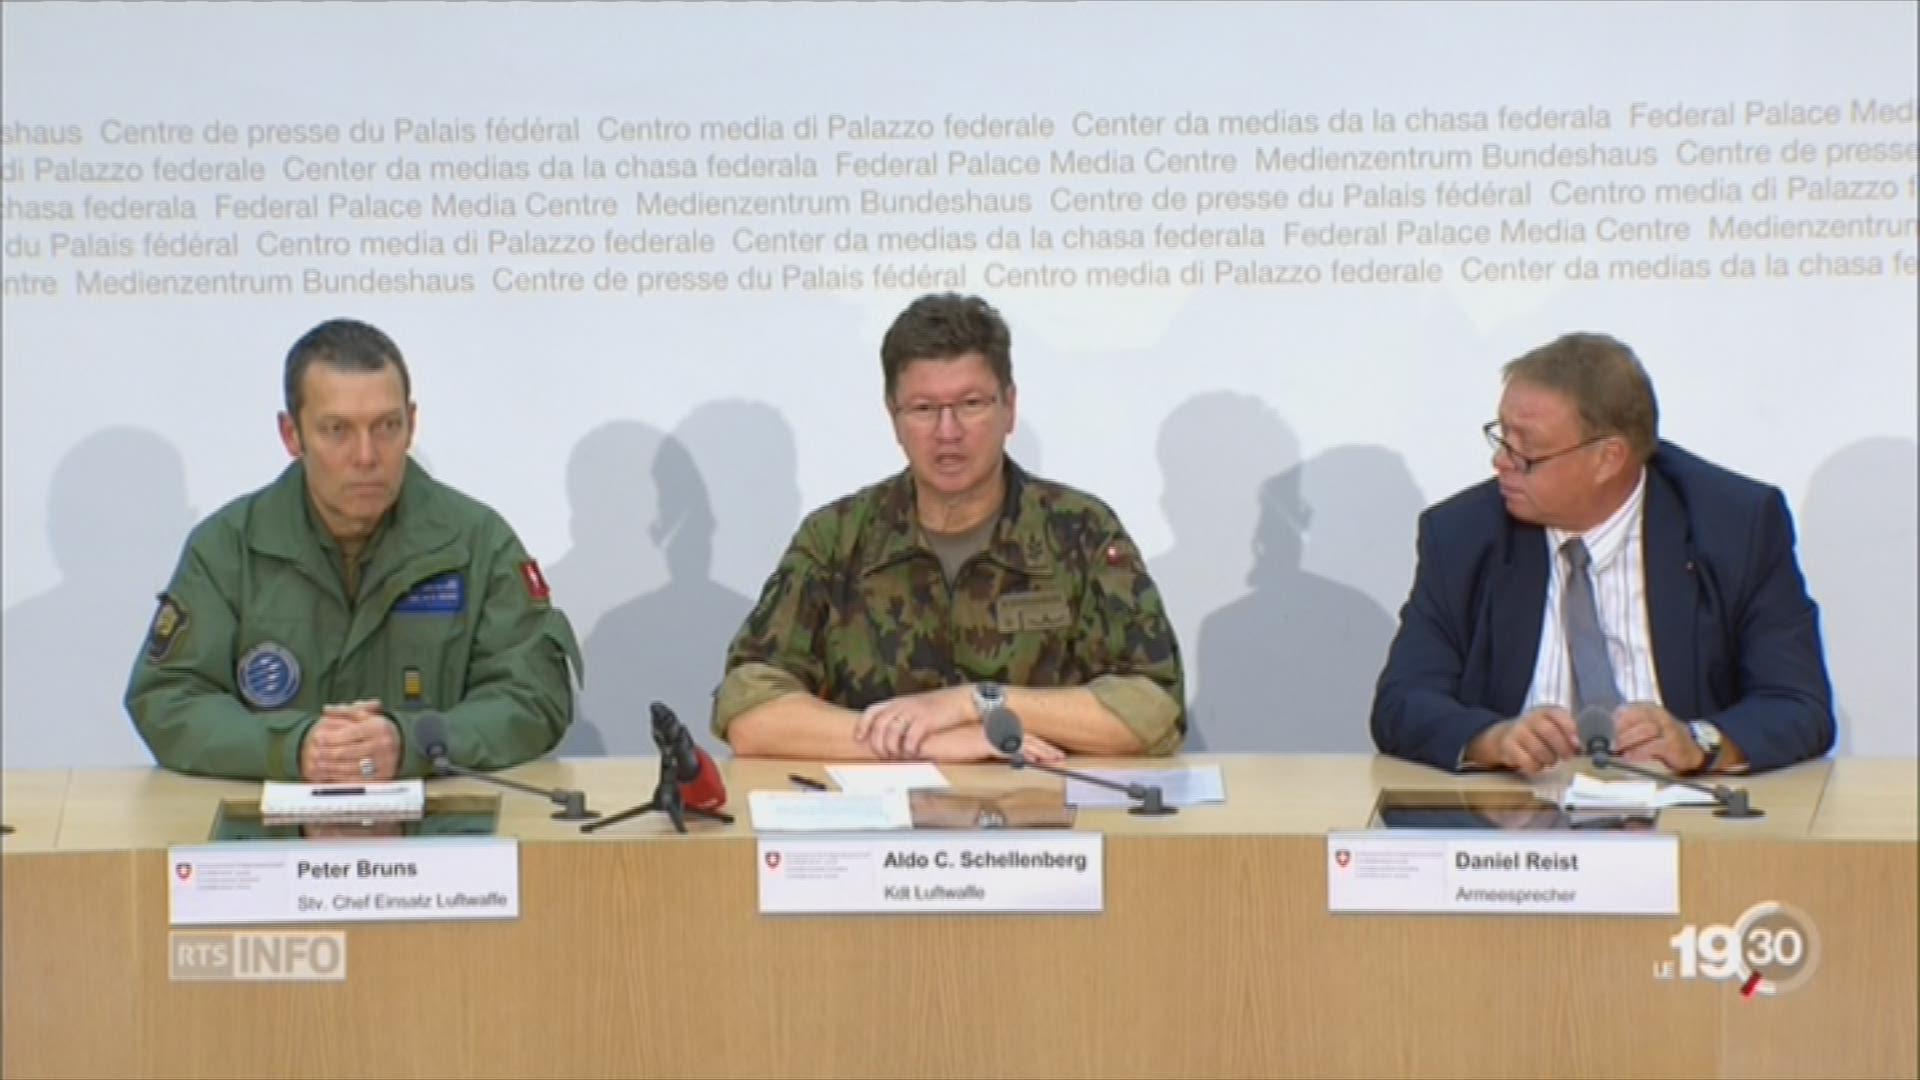 Le PC-7 de l'armée a été localisé dans les Alpes bernoises